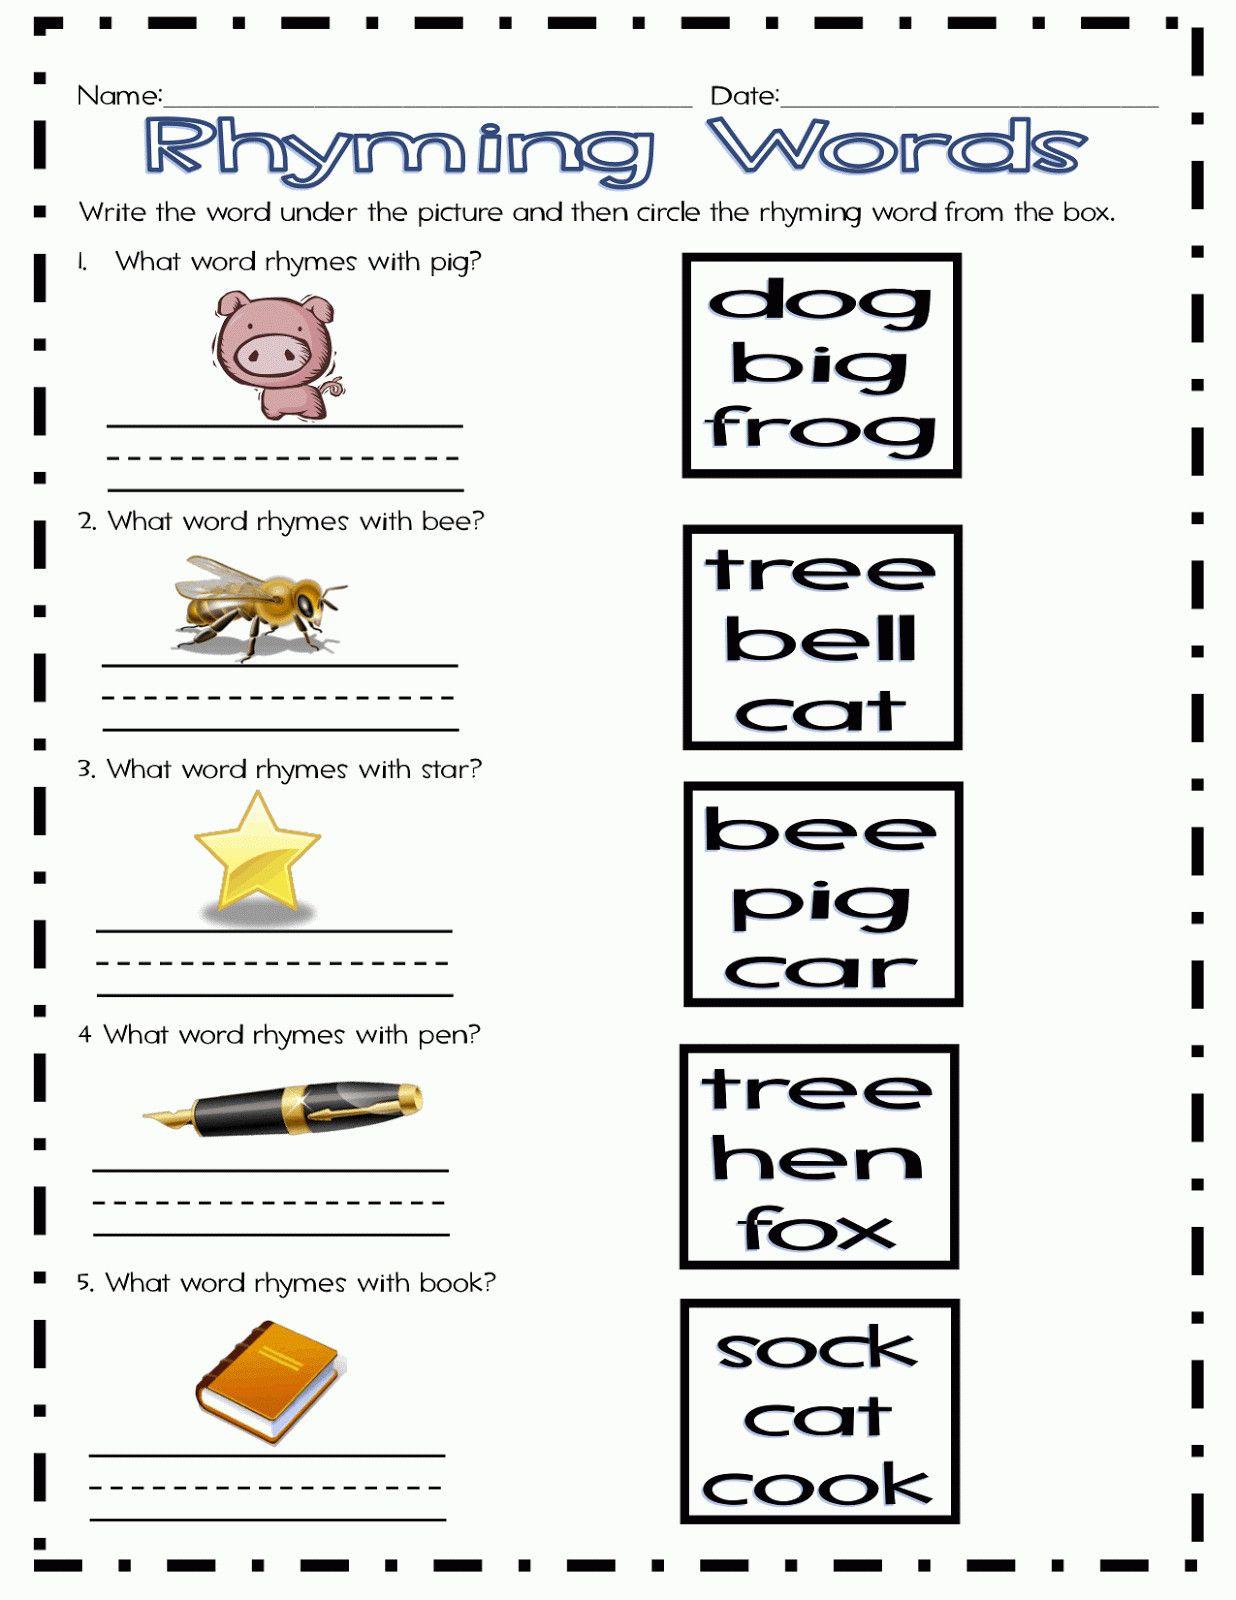 Rhyming Worksheets 1st Grade In 2020 Rhyming Worksheet Rhyming Words 1st Grade Worksheets